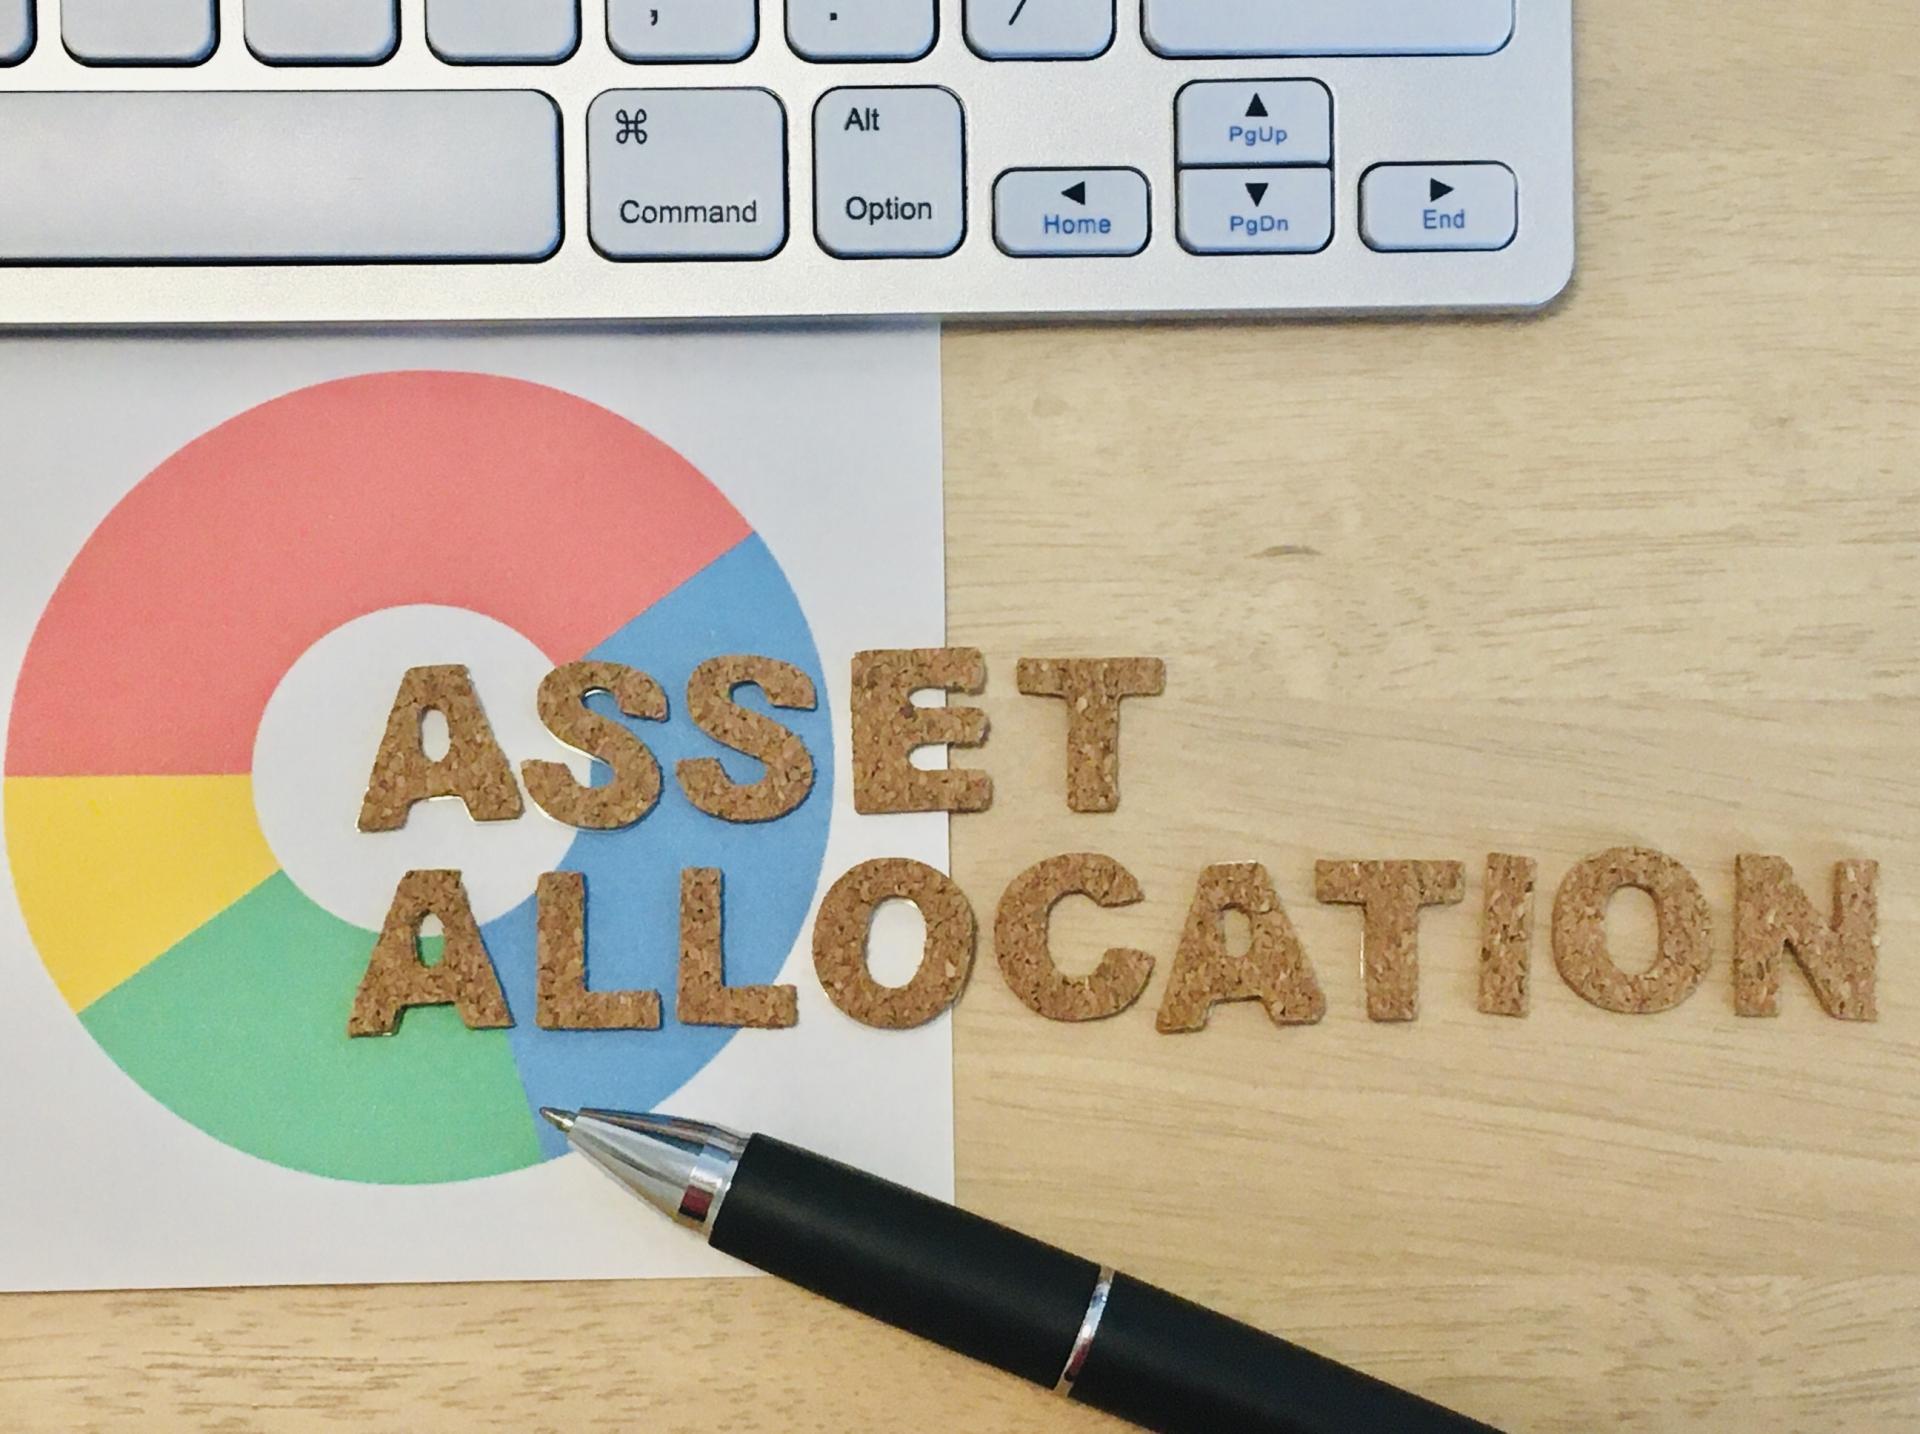 高配当株投資は株、金投資は金、アセットアロケーション投資は何に投資するの?